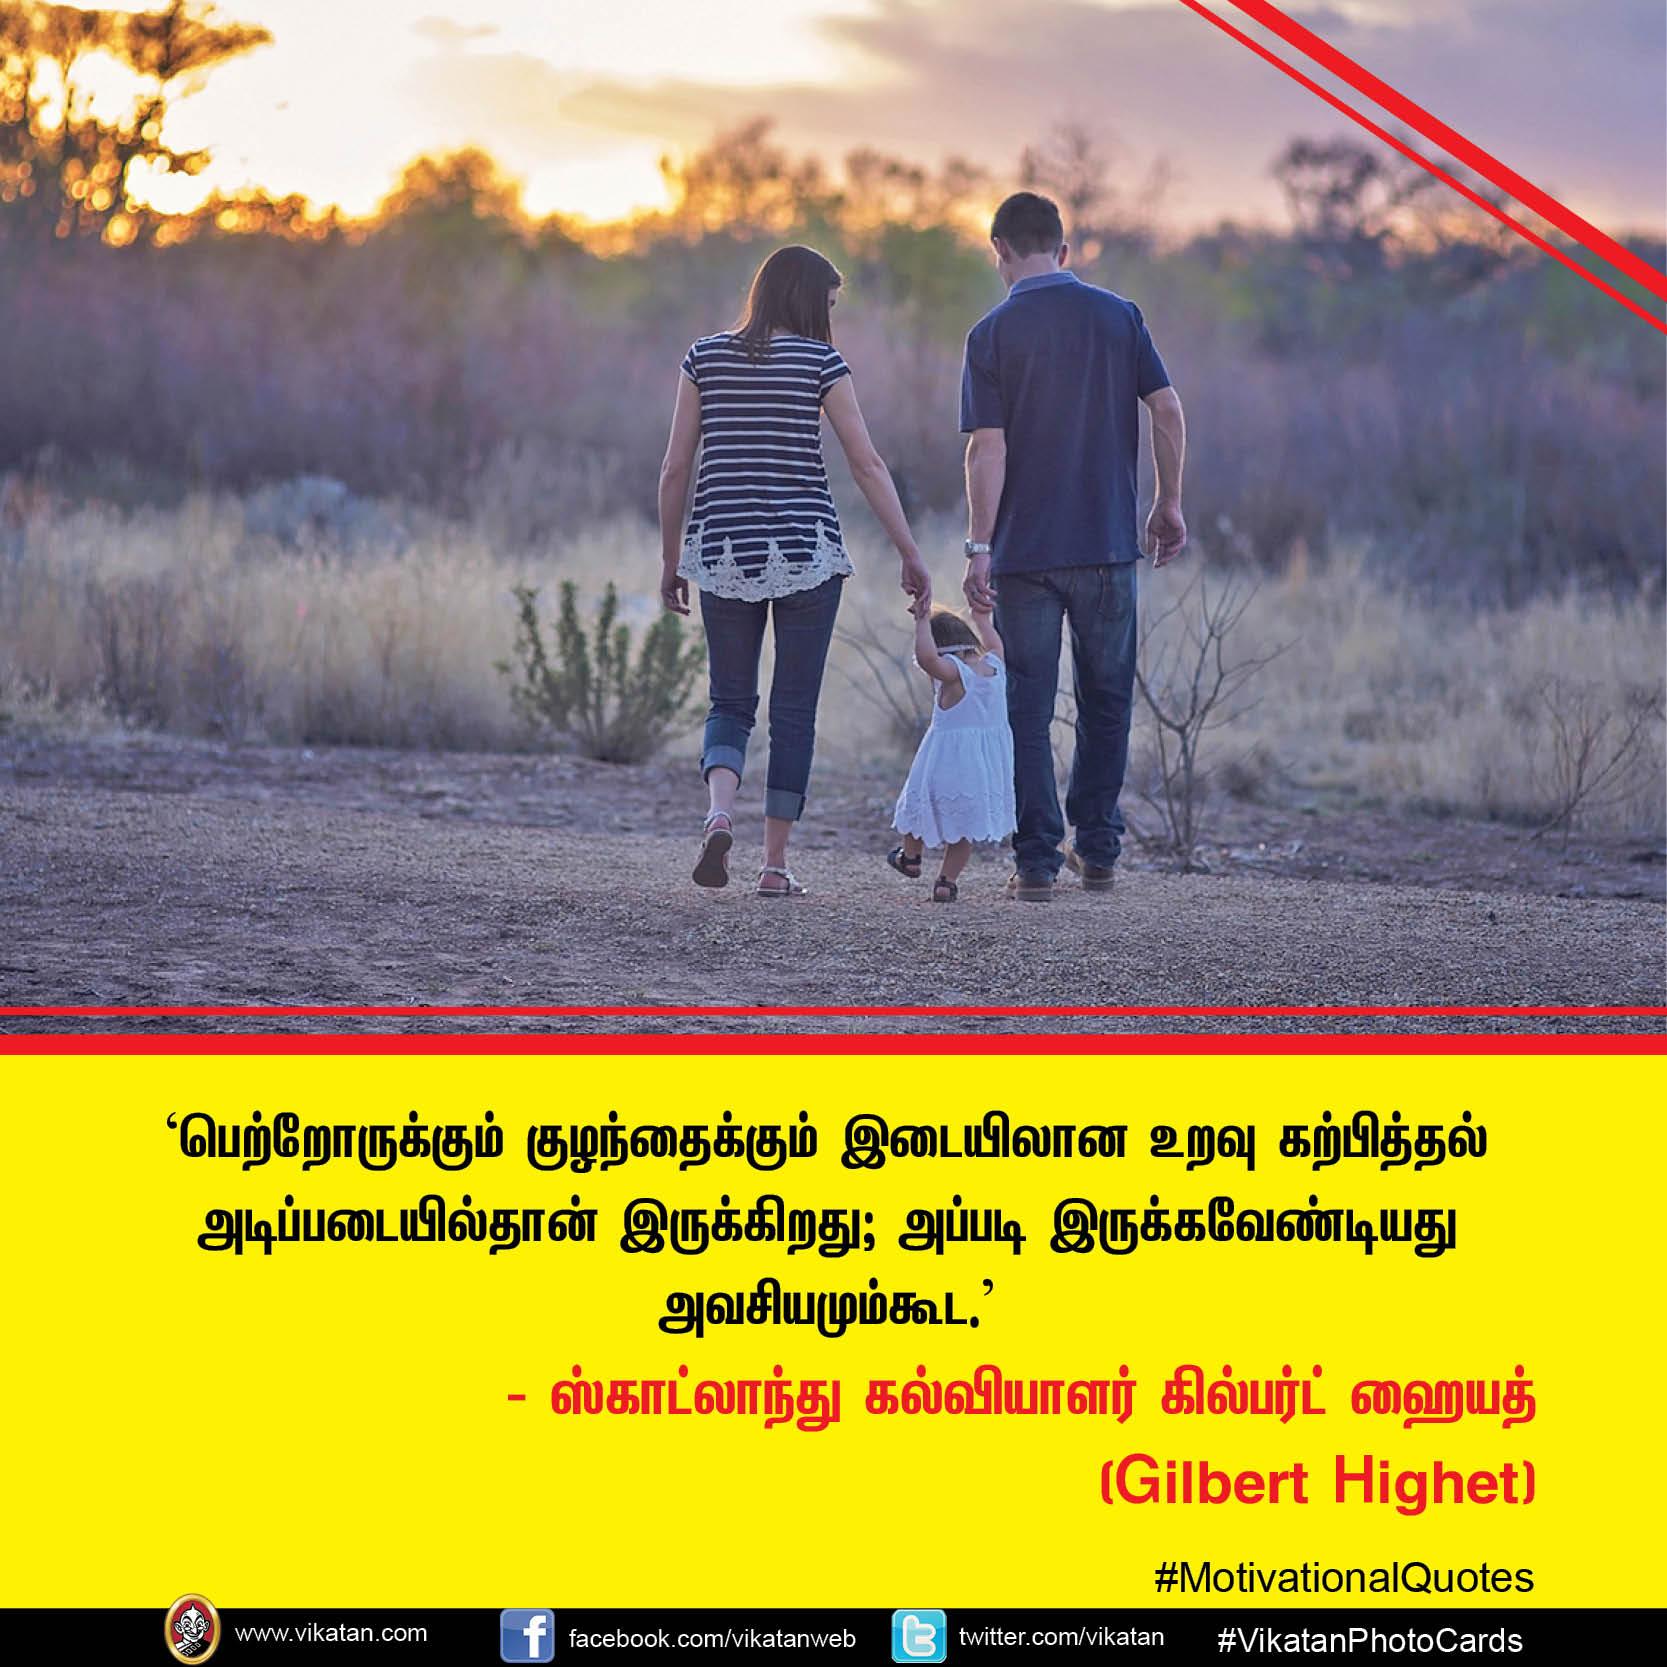 `எல்லாச் சுமைகளுமே போற்றுதலுக்குரியவை!' - Motivational Quotes #VikatanPhotoCards